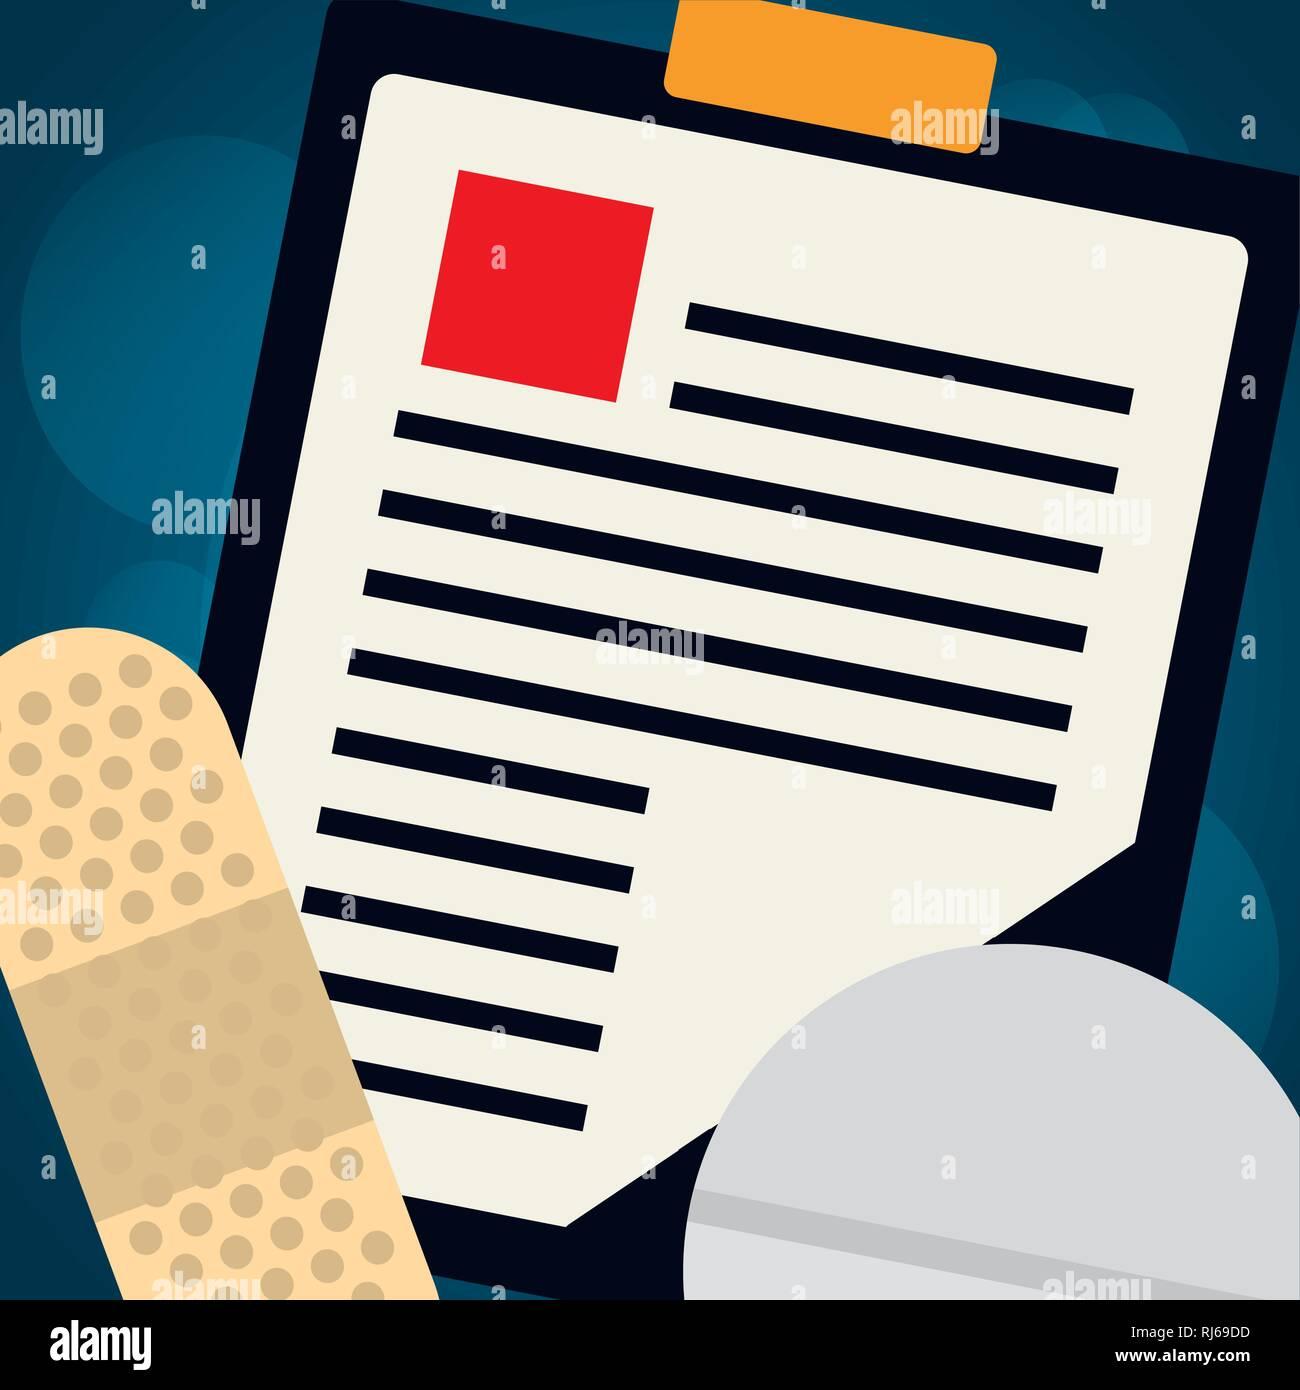 a246a7278 Lista de comprobación de orden médico con pastillas de drogas de diseño ilustración  vectorial